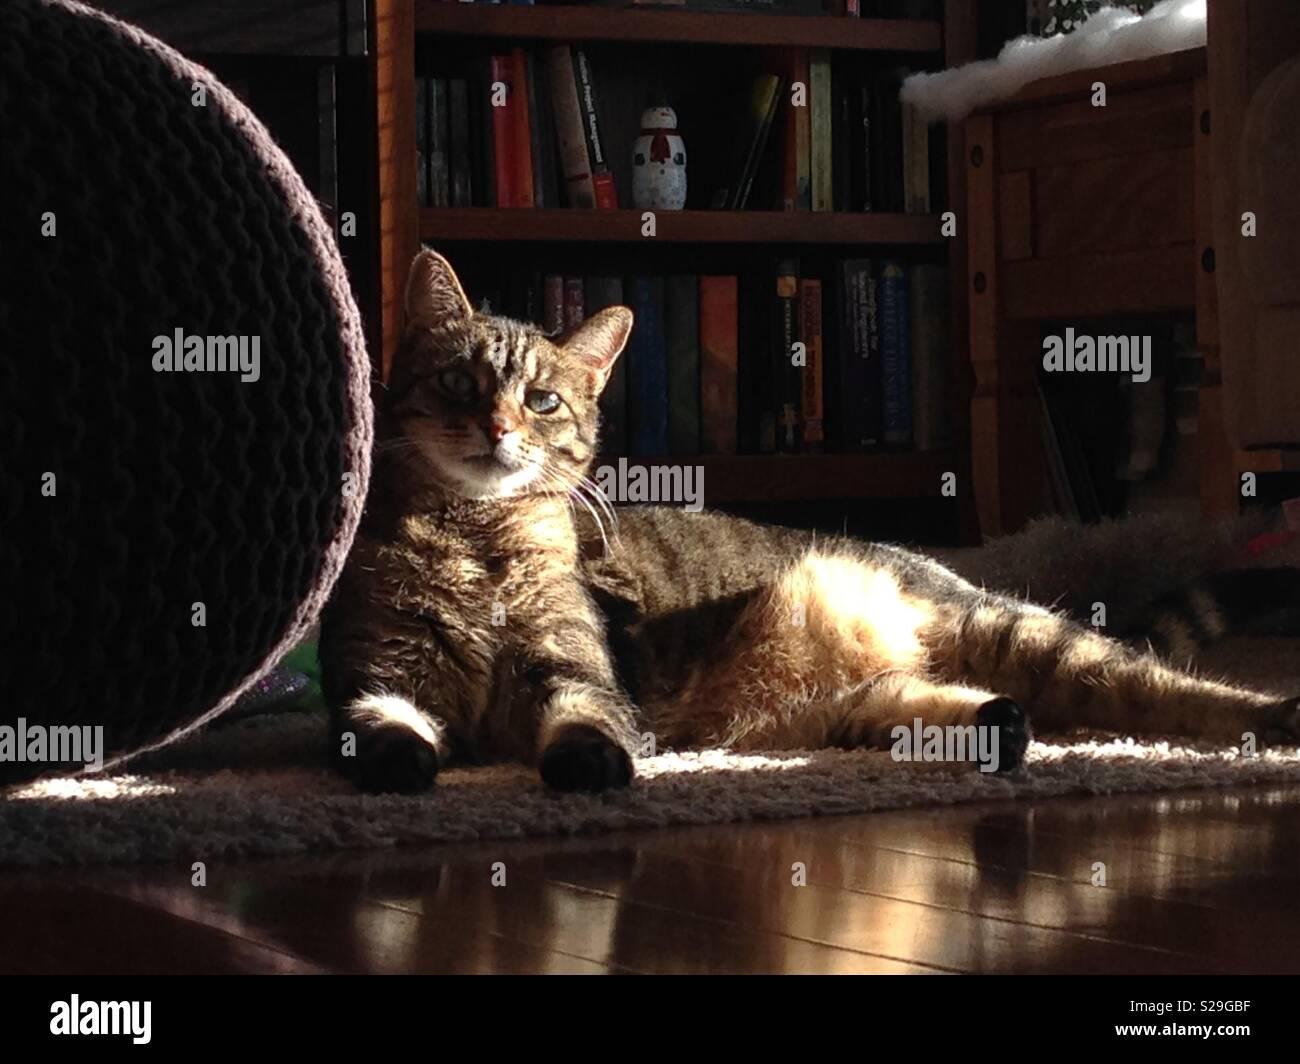 Cat Basking in Sunlight - Stock Image